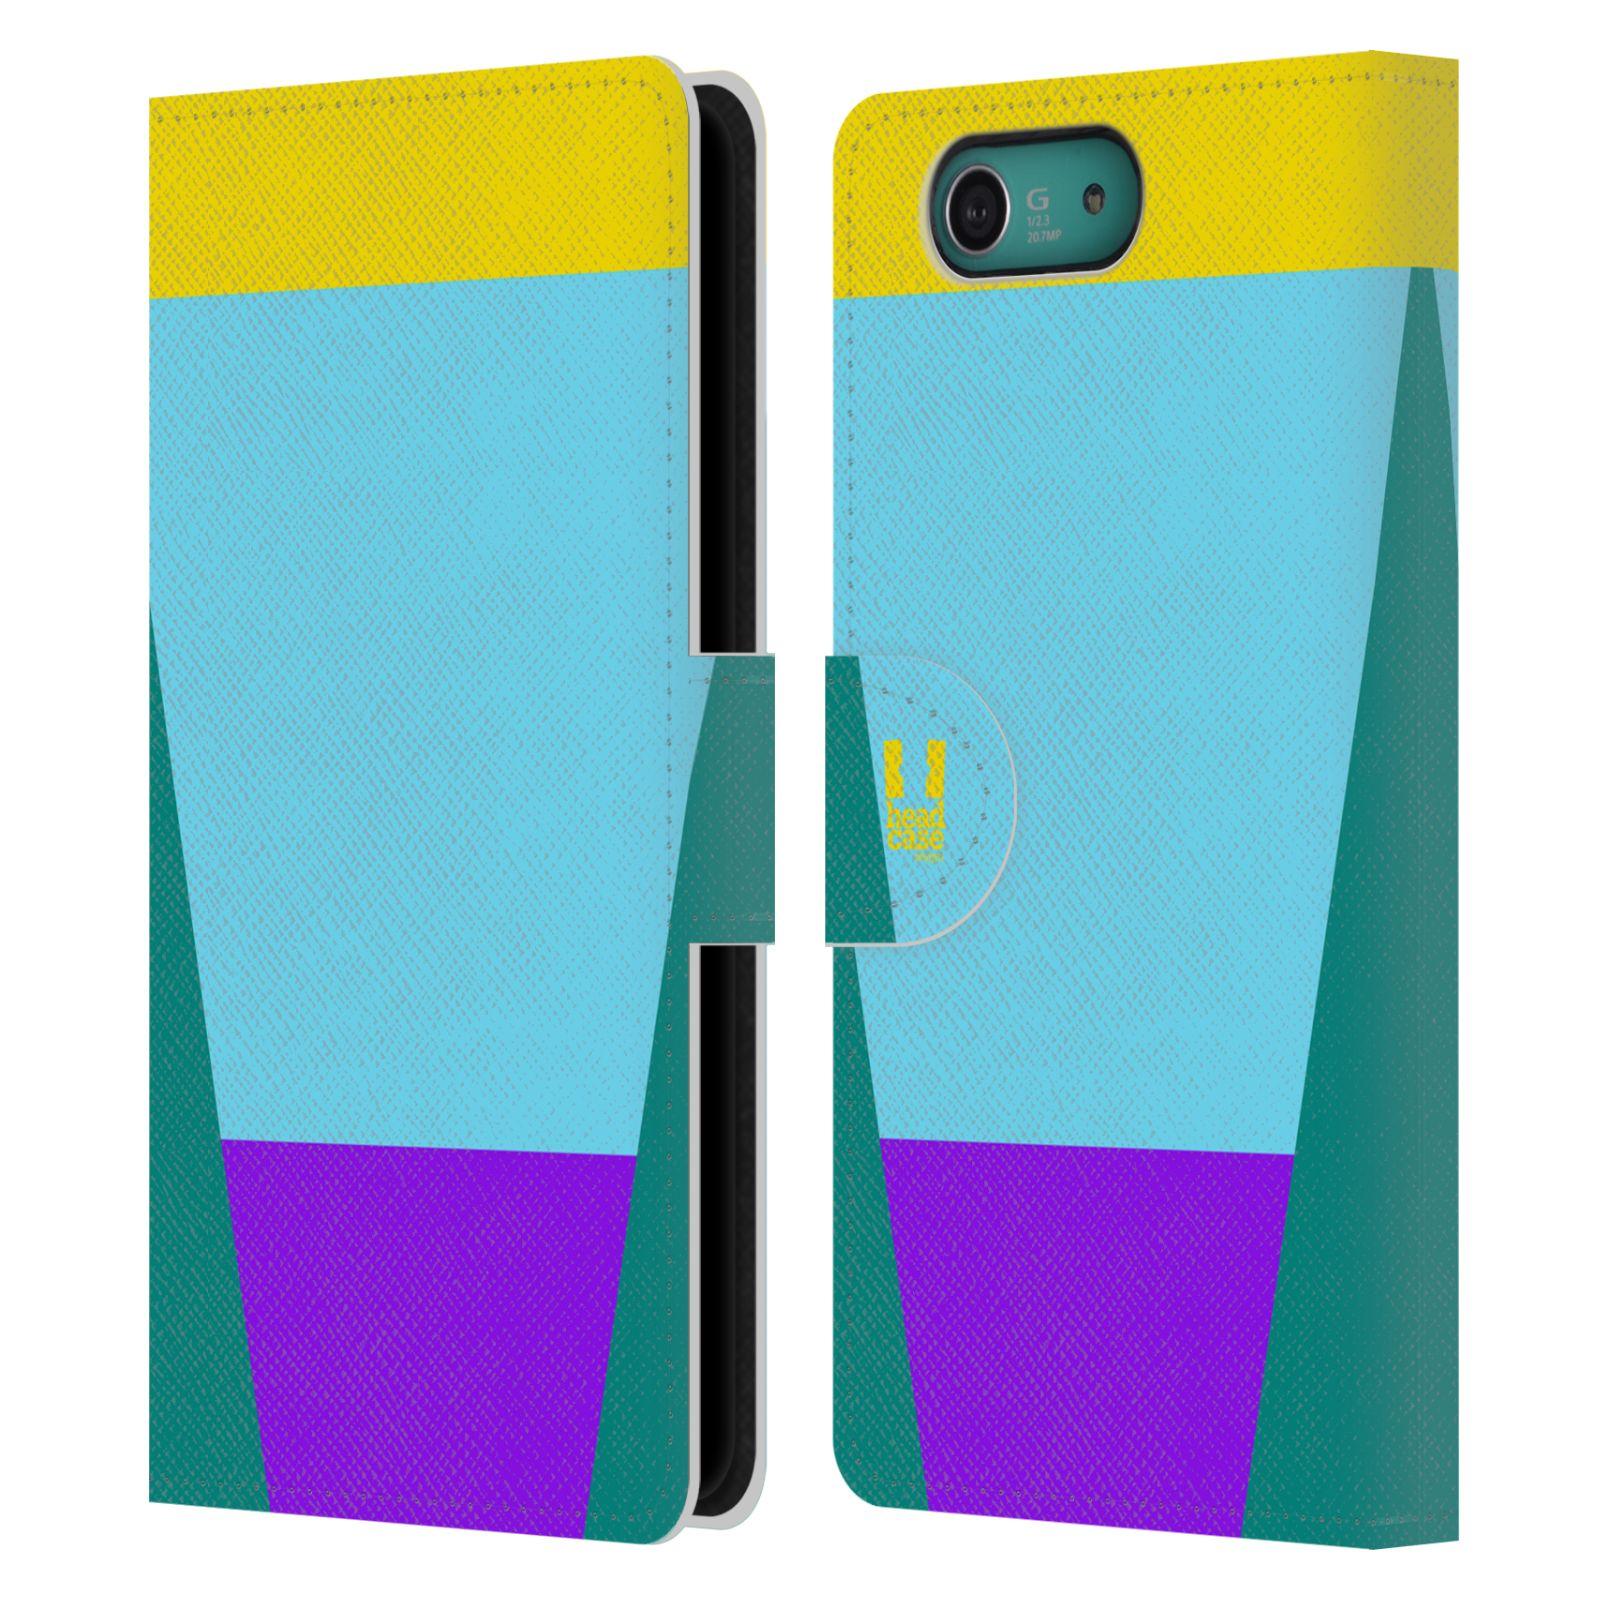 HEAD CASE Flipové pouzdro pro mobil SONY XPERIA Z3 COMPACT barevné tvary nebesky modrá